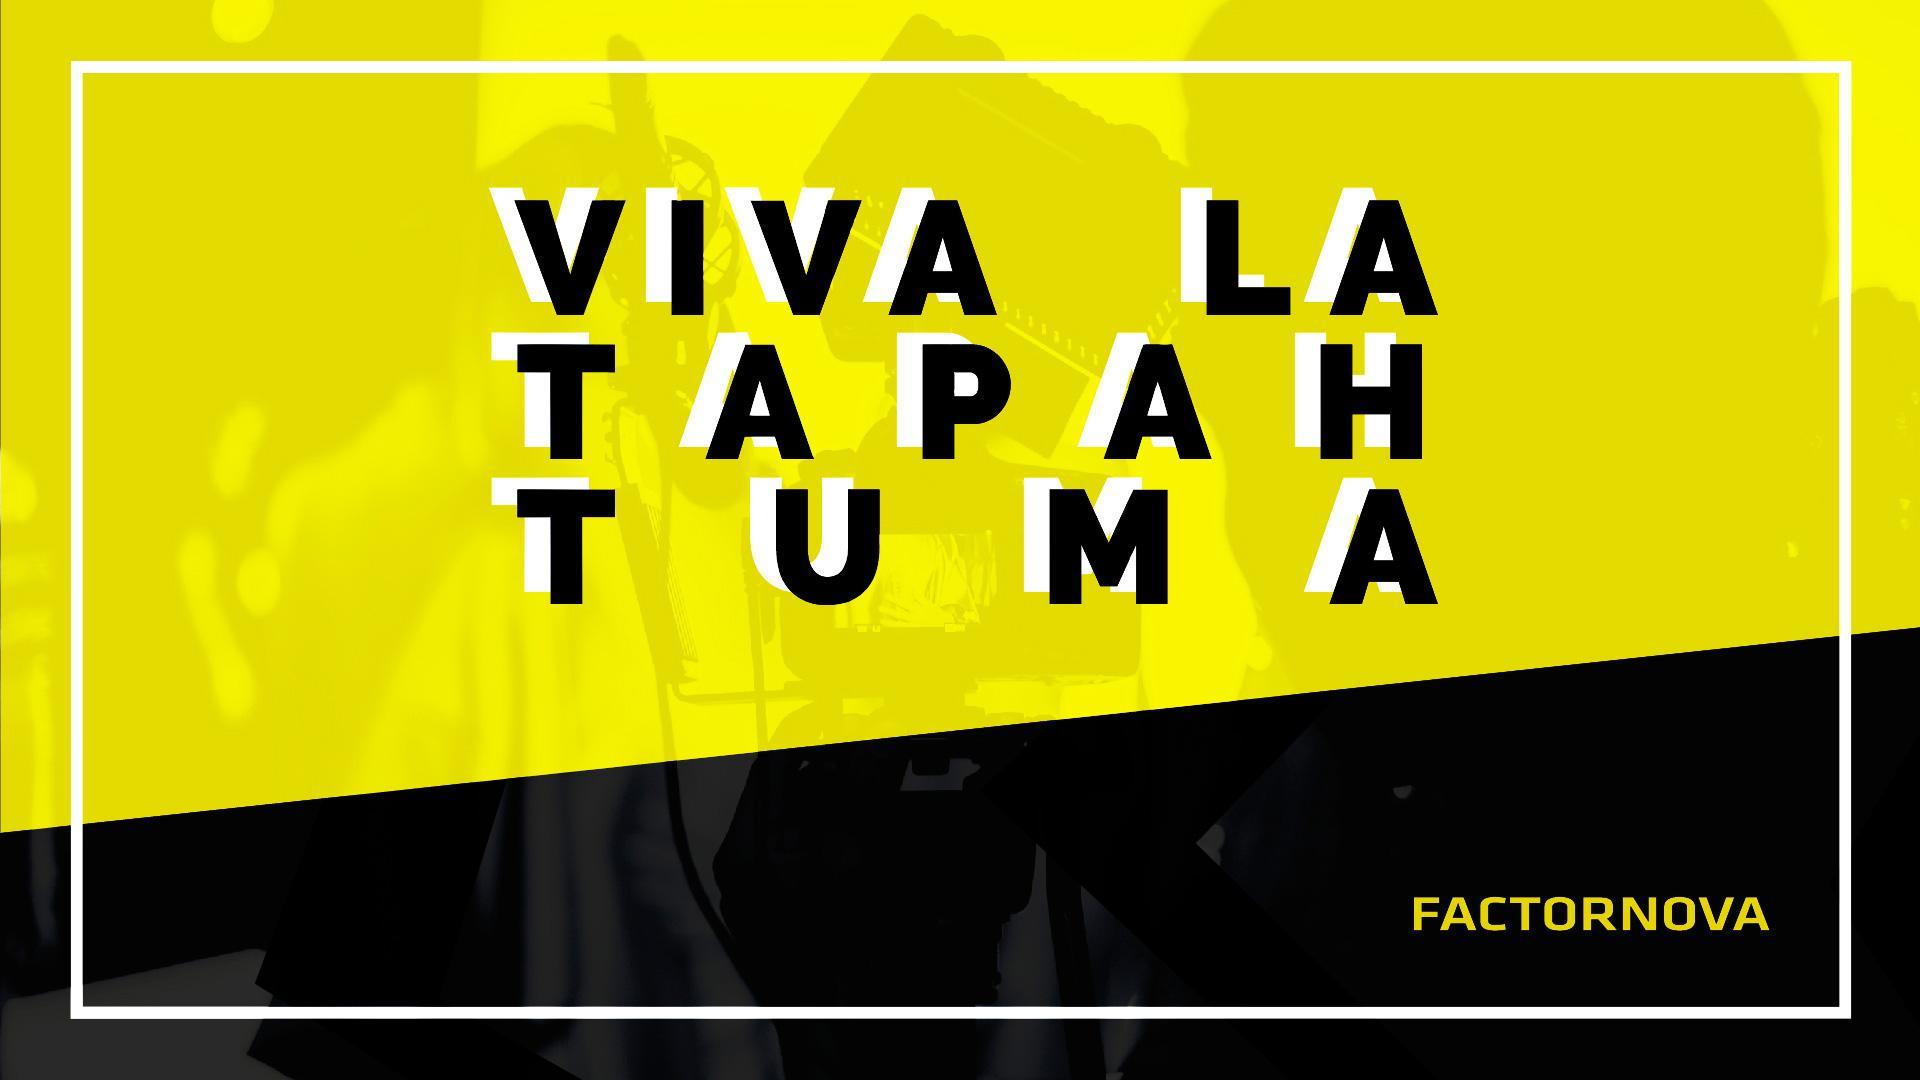 Viva la Tapahtuma podcast ja studio - ajatuksia ja tapahtumia